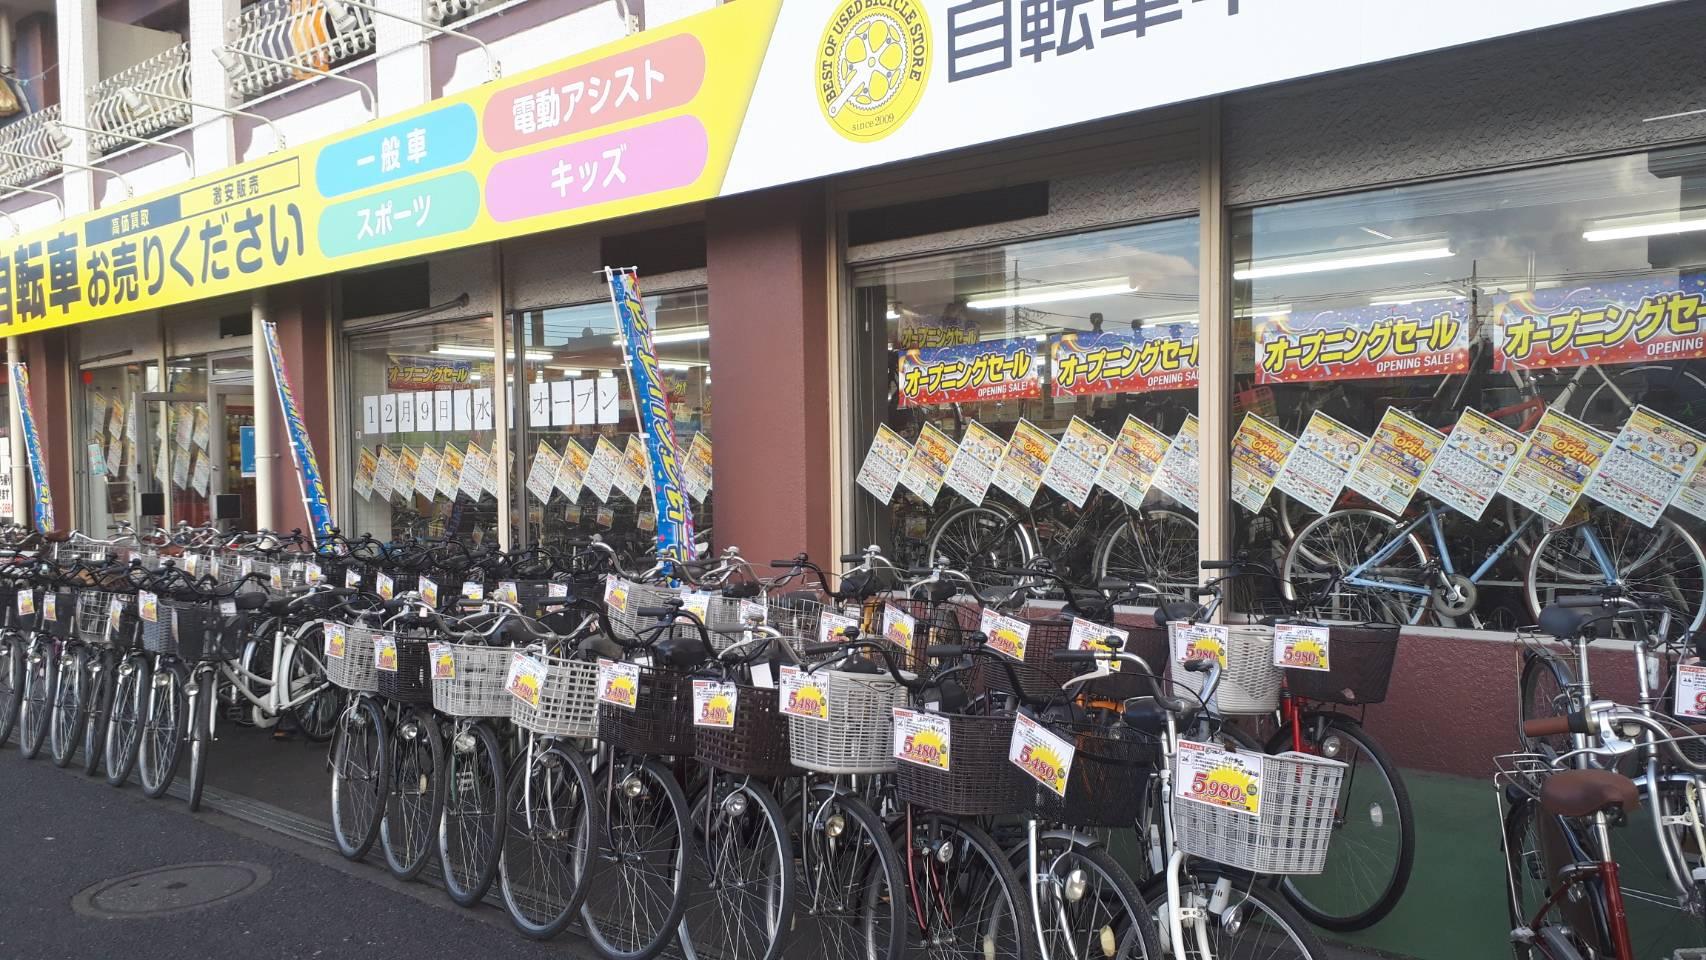 戸田わらび店